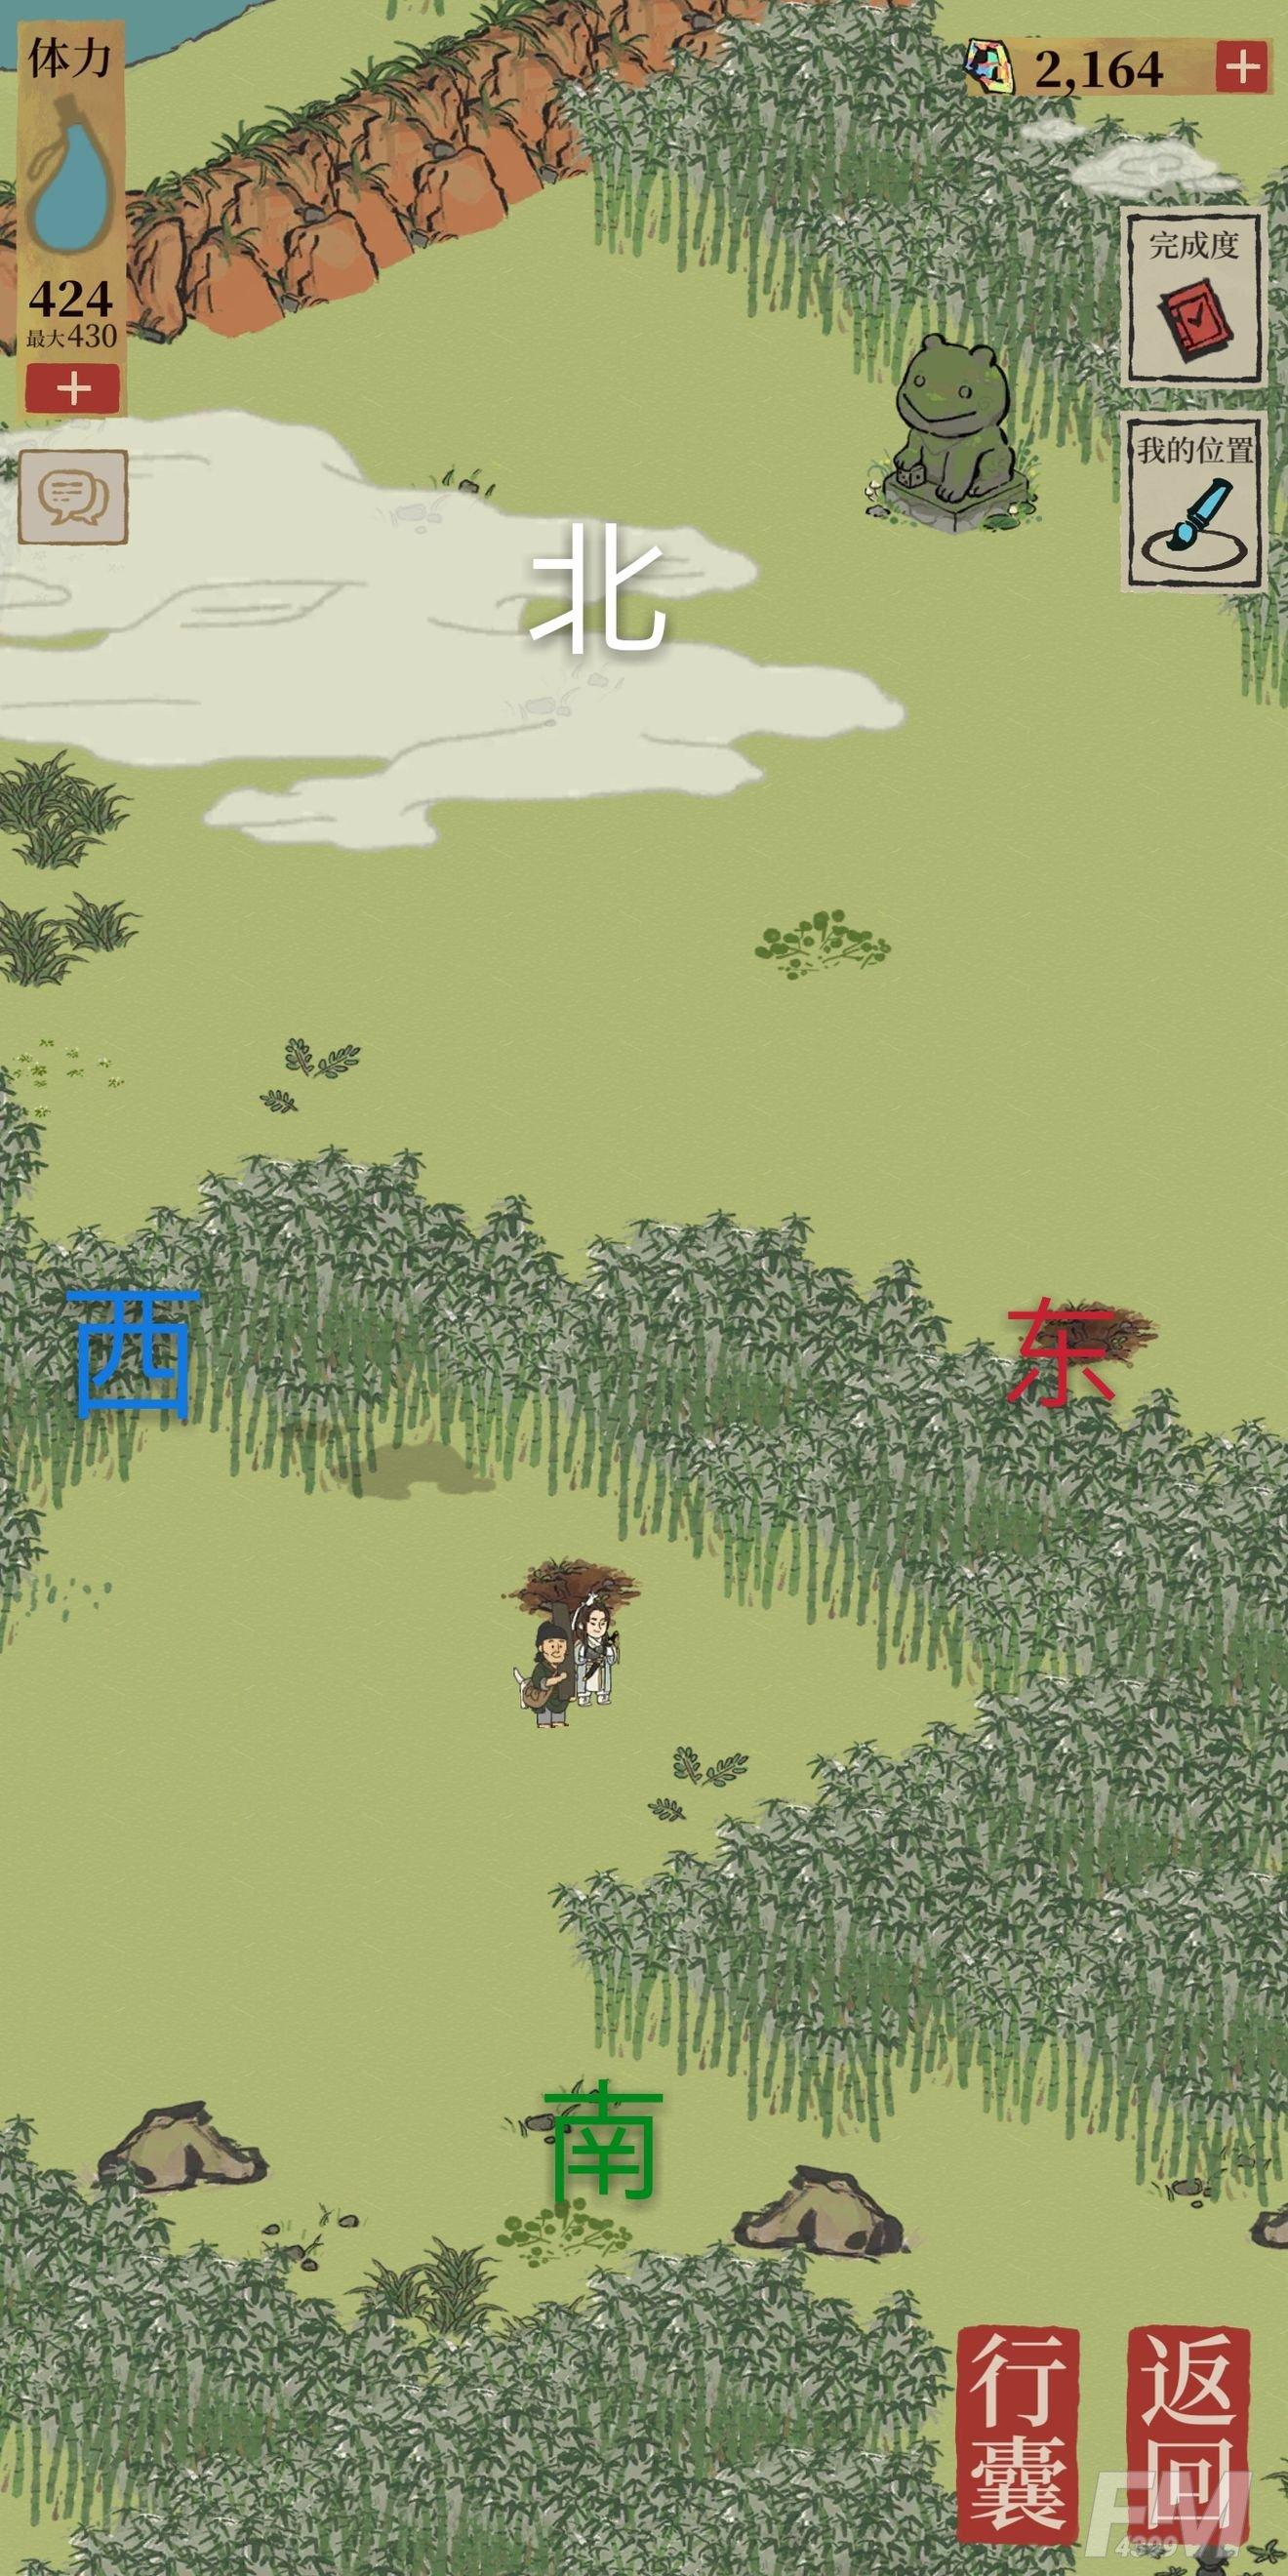 江南百景图竹林迷宫通关攻略:限时探险竹林迷宫路线走法一览[多图]图片1